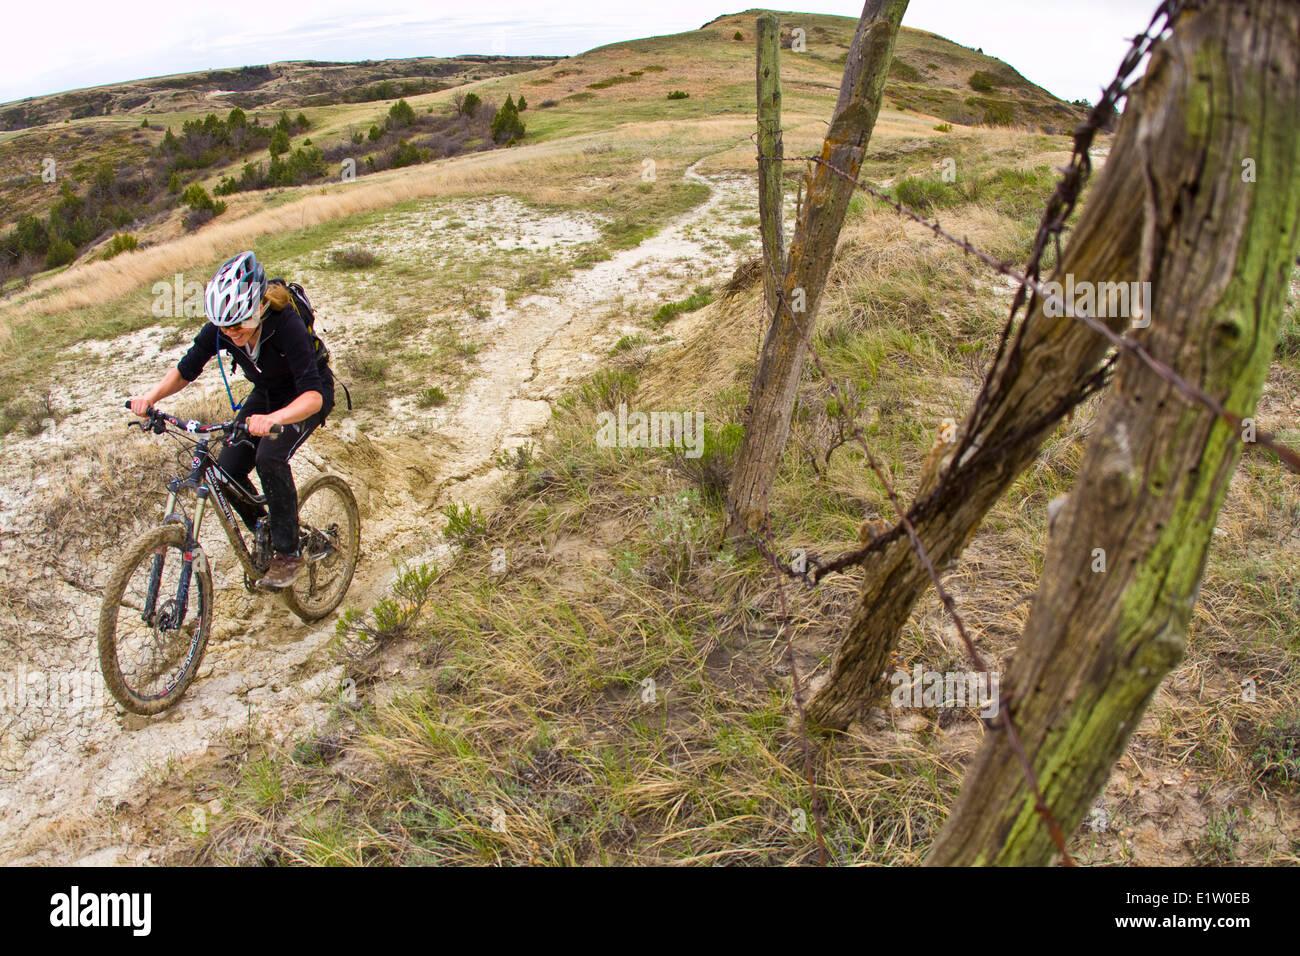 Un vélo de montagne femelle suit un ruban parfaite de singletrack. Maah Taah Hé Trail, Dakota du Nord Photo Stock